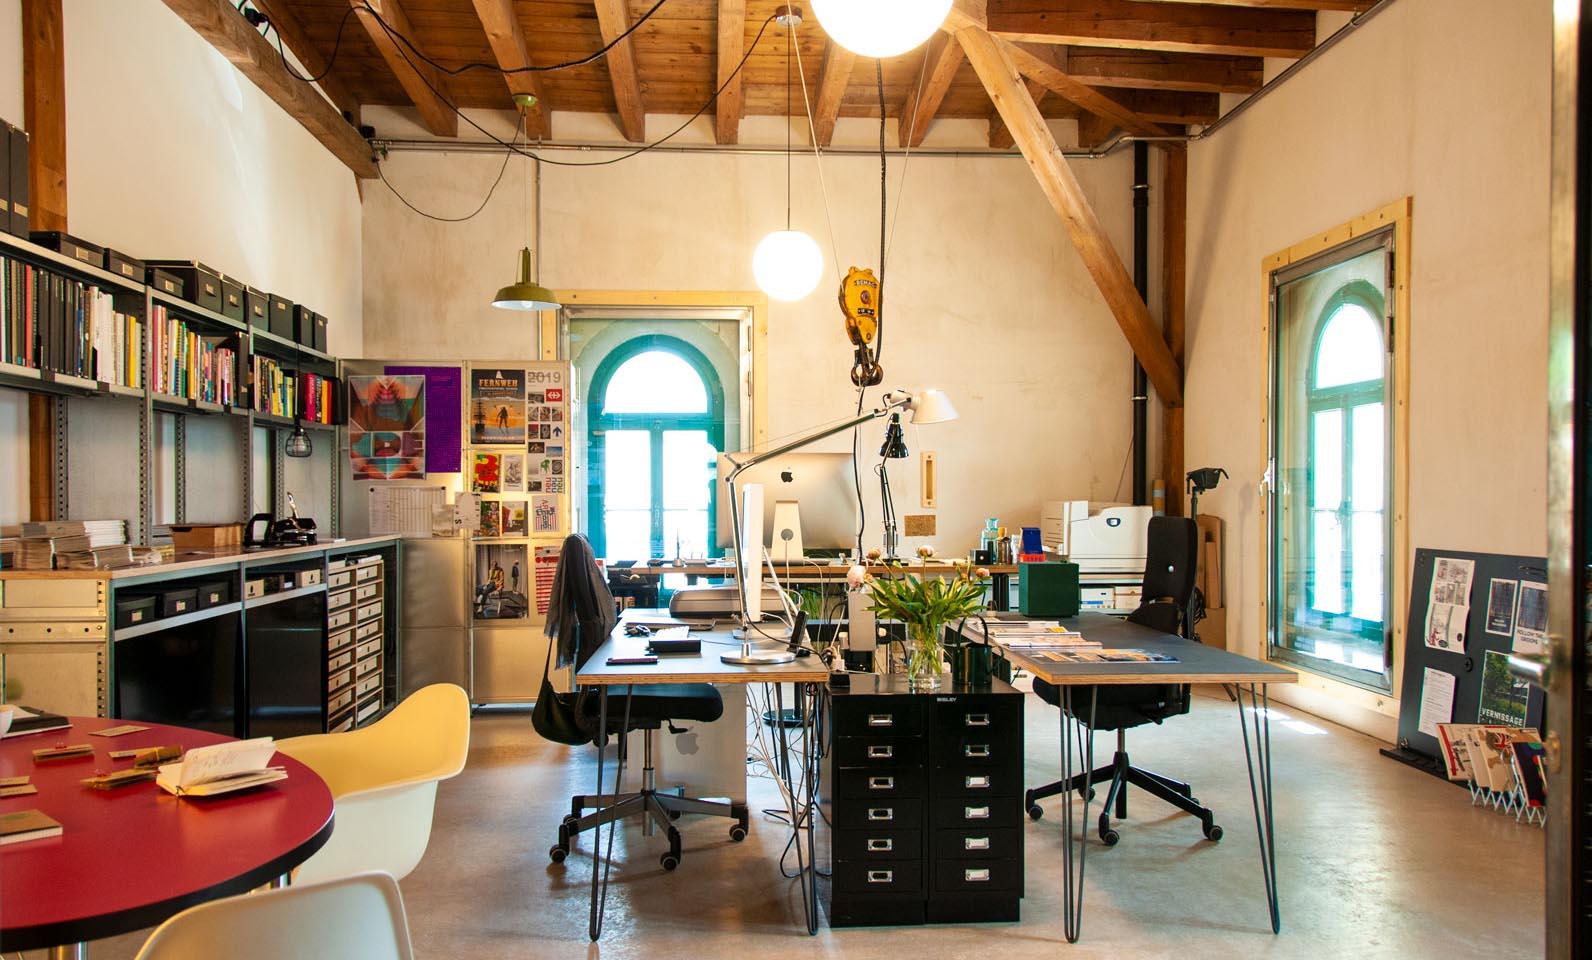 Das neue Atelier im Zeughaus1, Winterthur